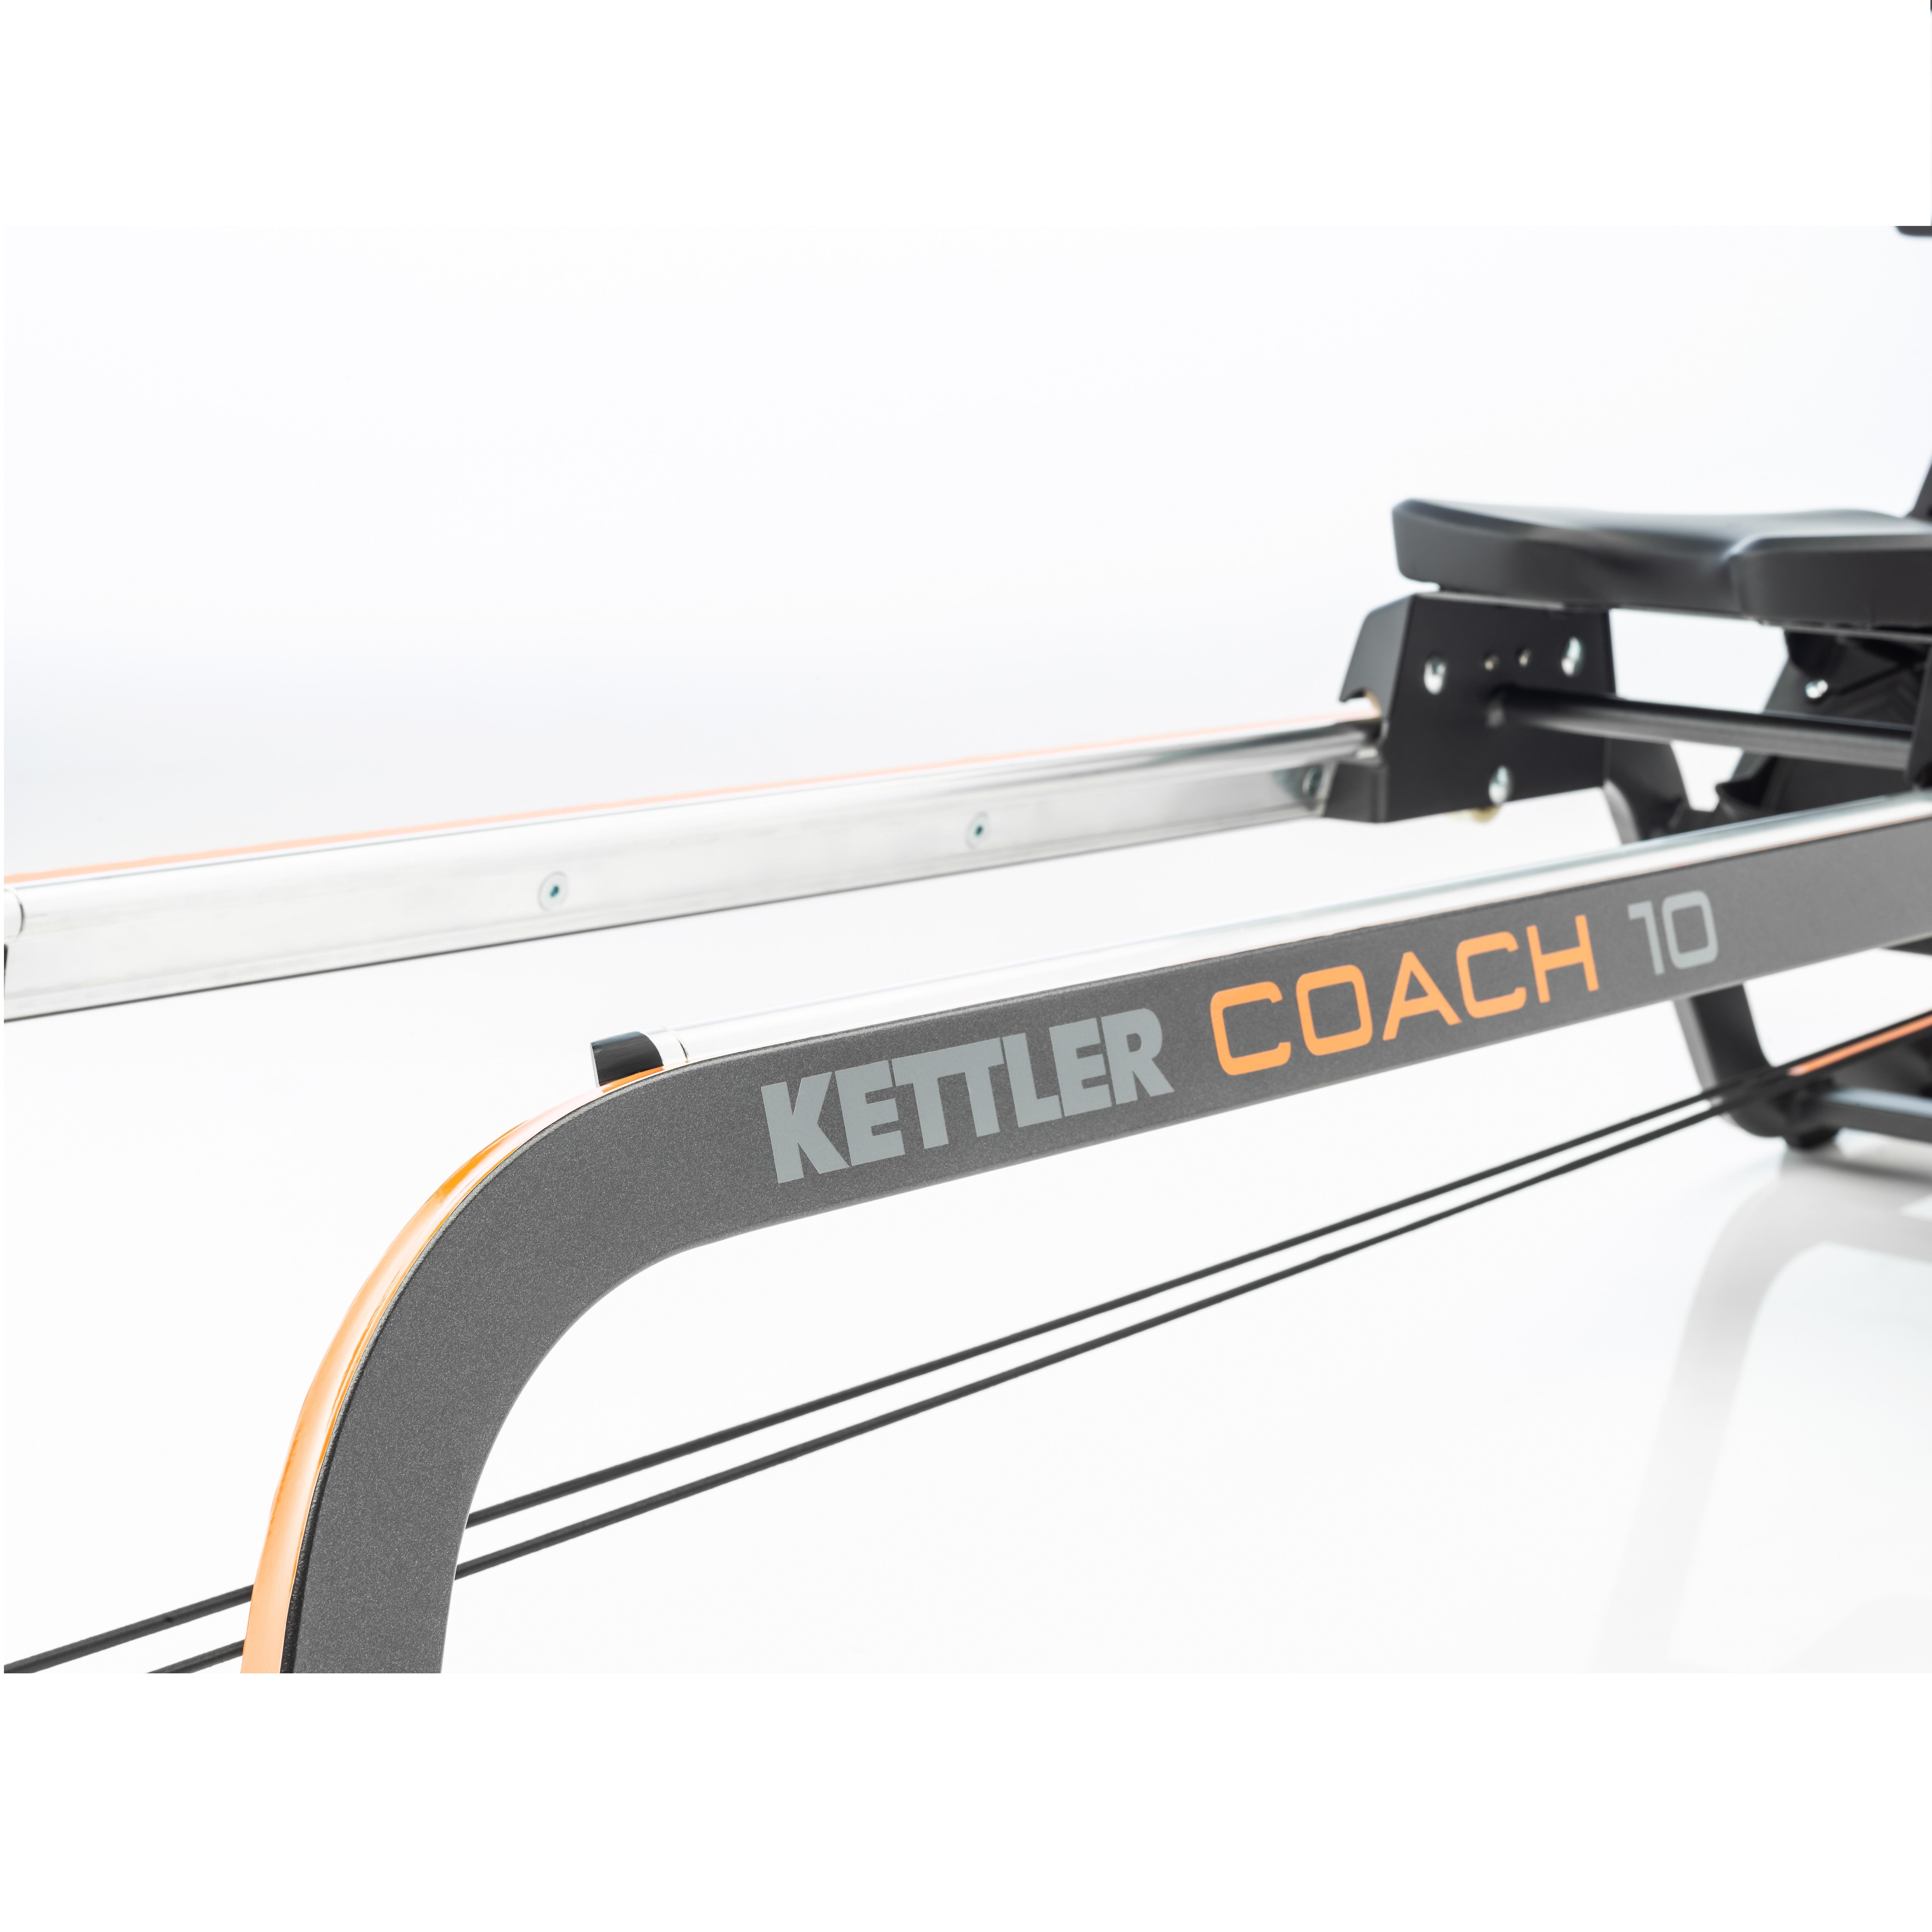 Kettler Coach 10